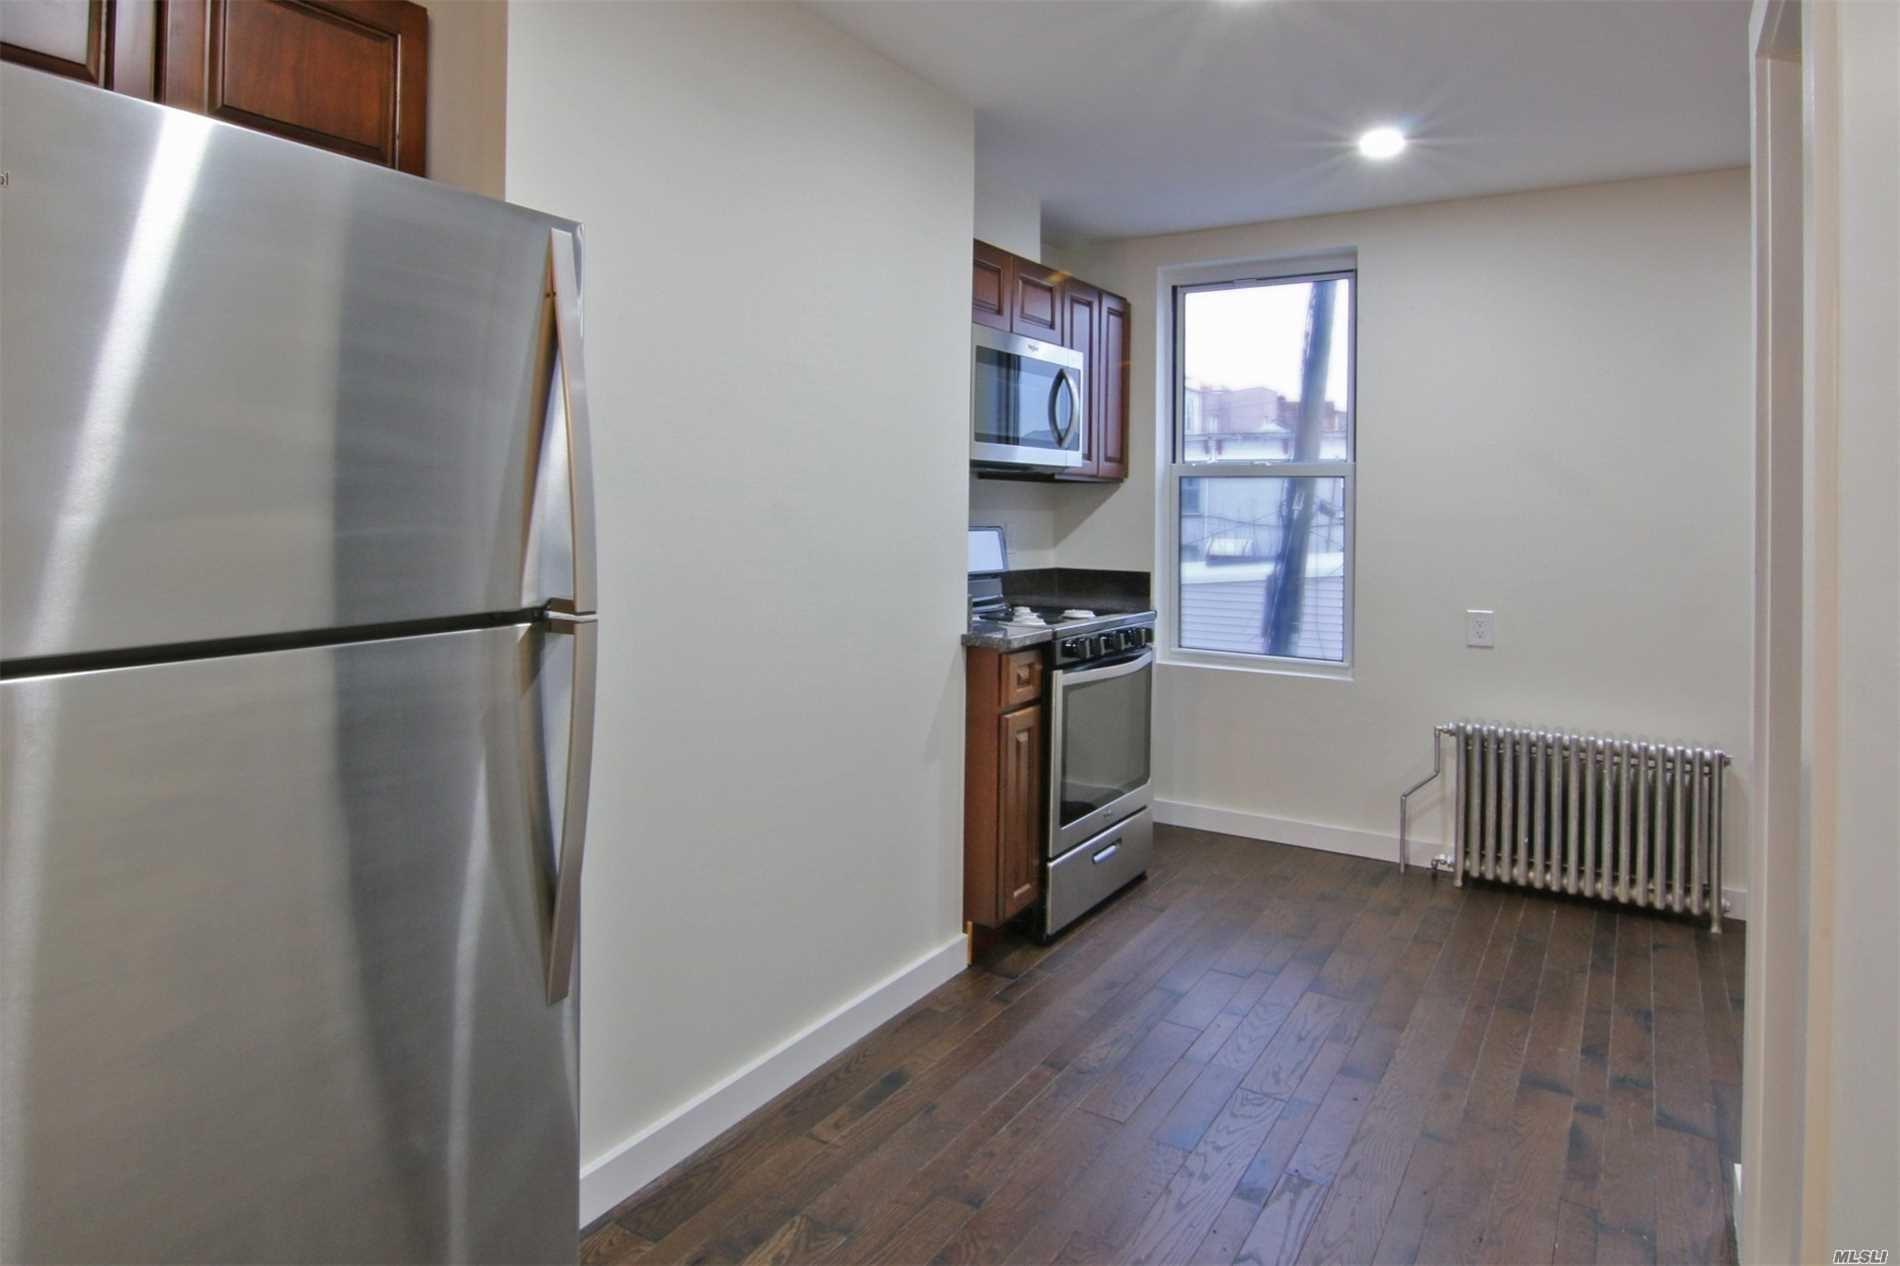 56-10 61st Street #2L, Maspeth, NY 11378 - MLS#: 3240650